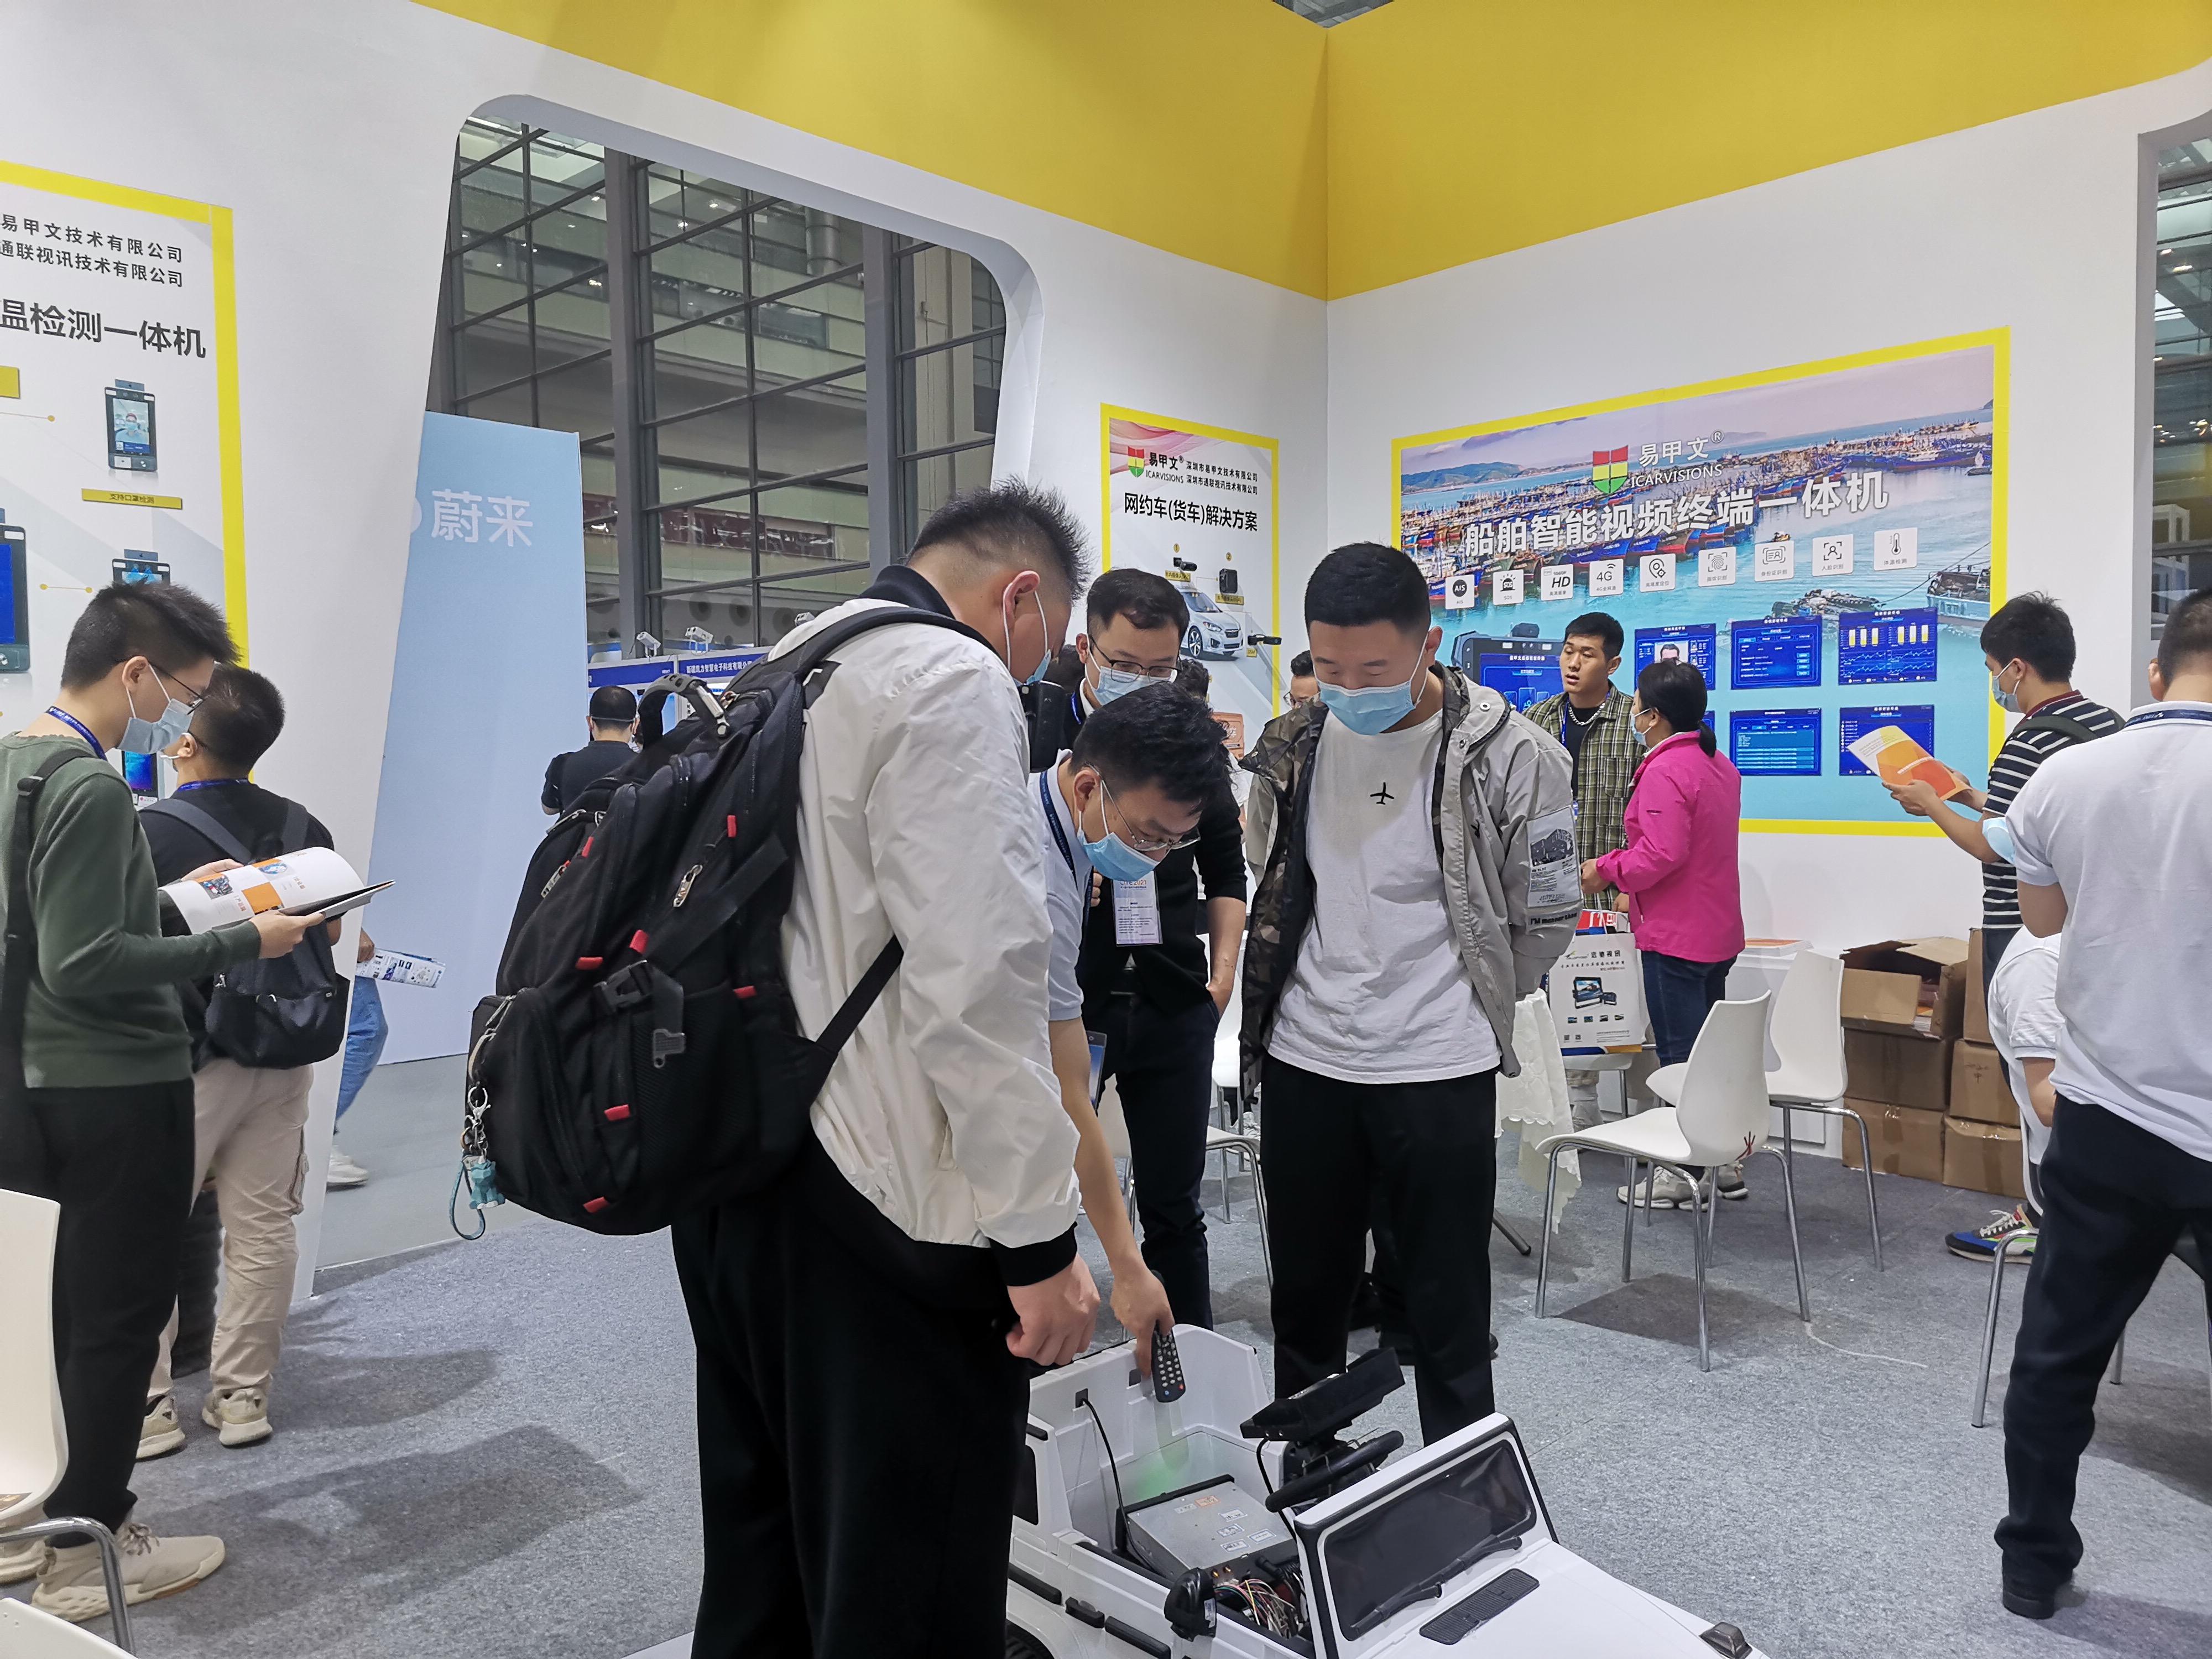 感谢您访问我们在深圳第九届电子信息博览会CITE 2020的展位! 第3张